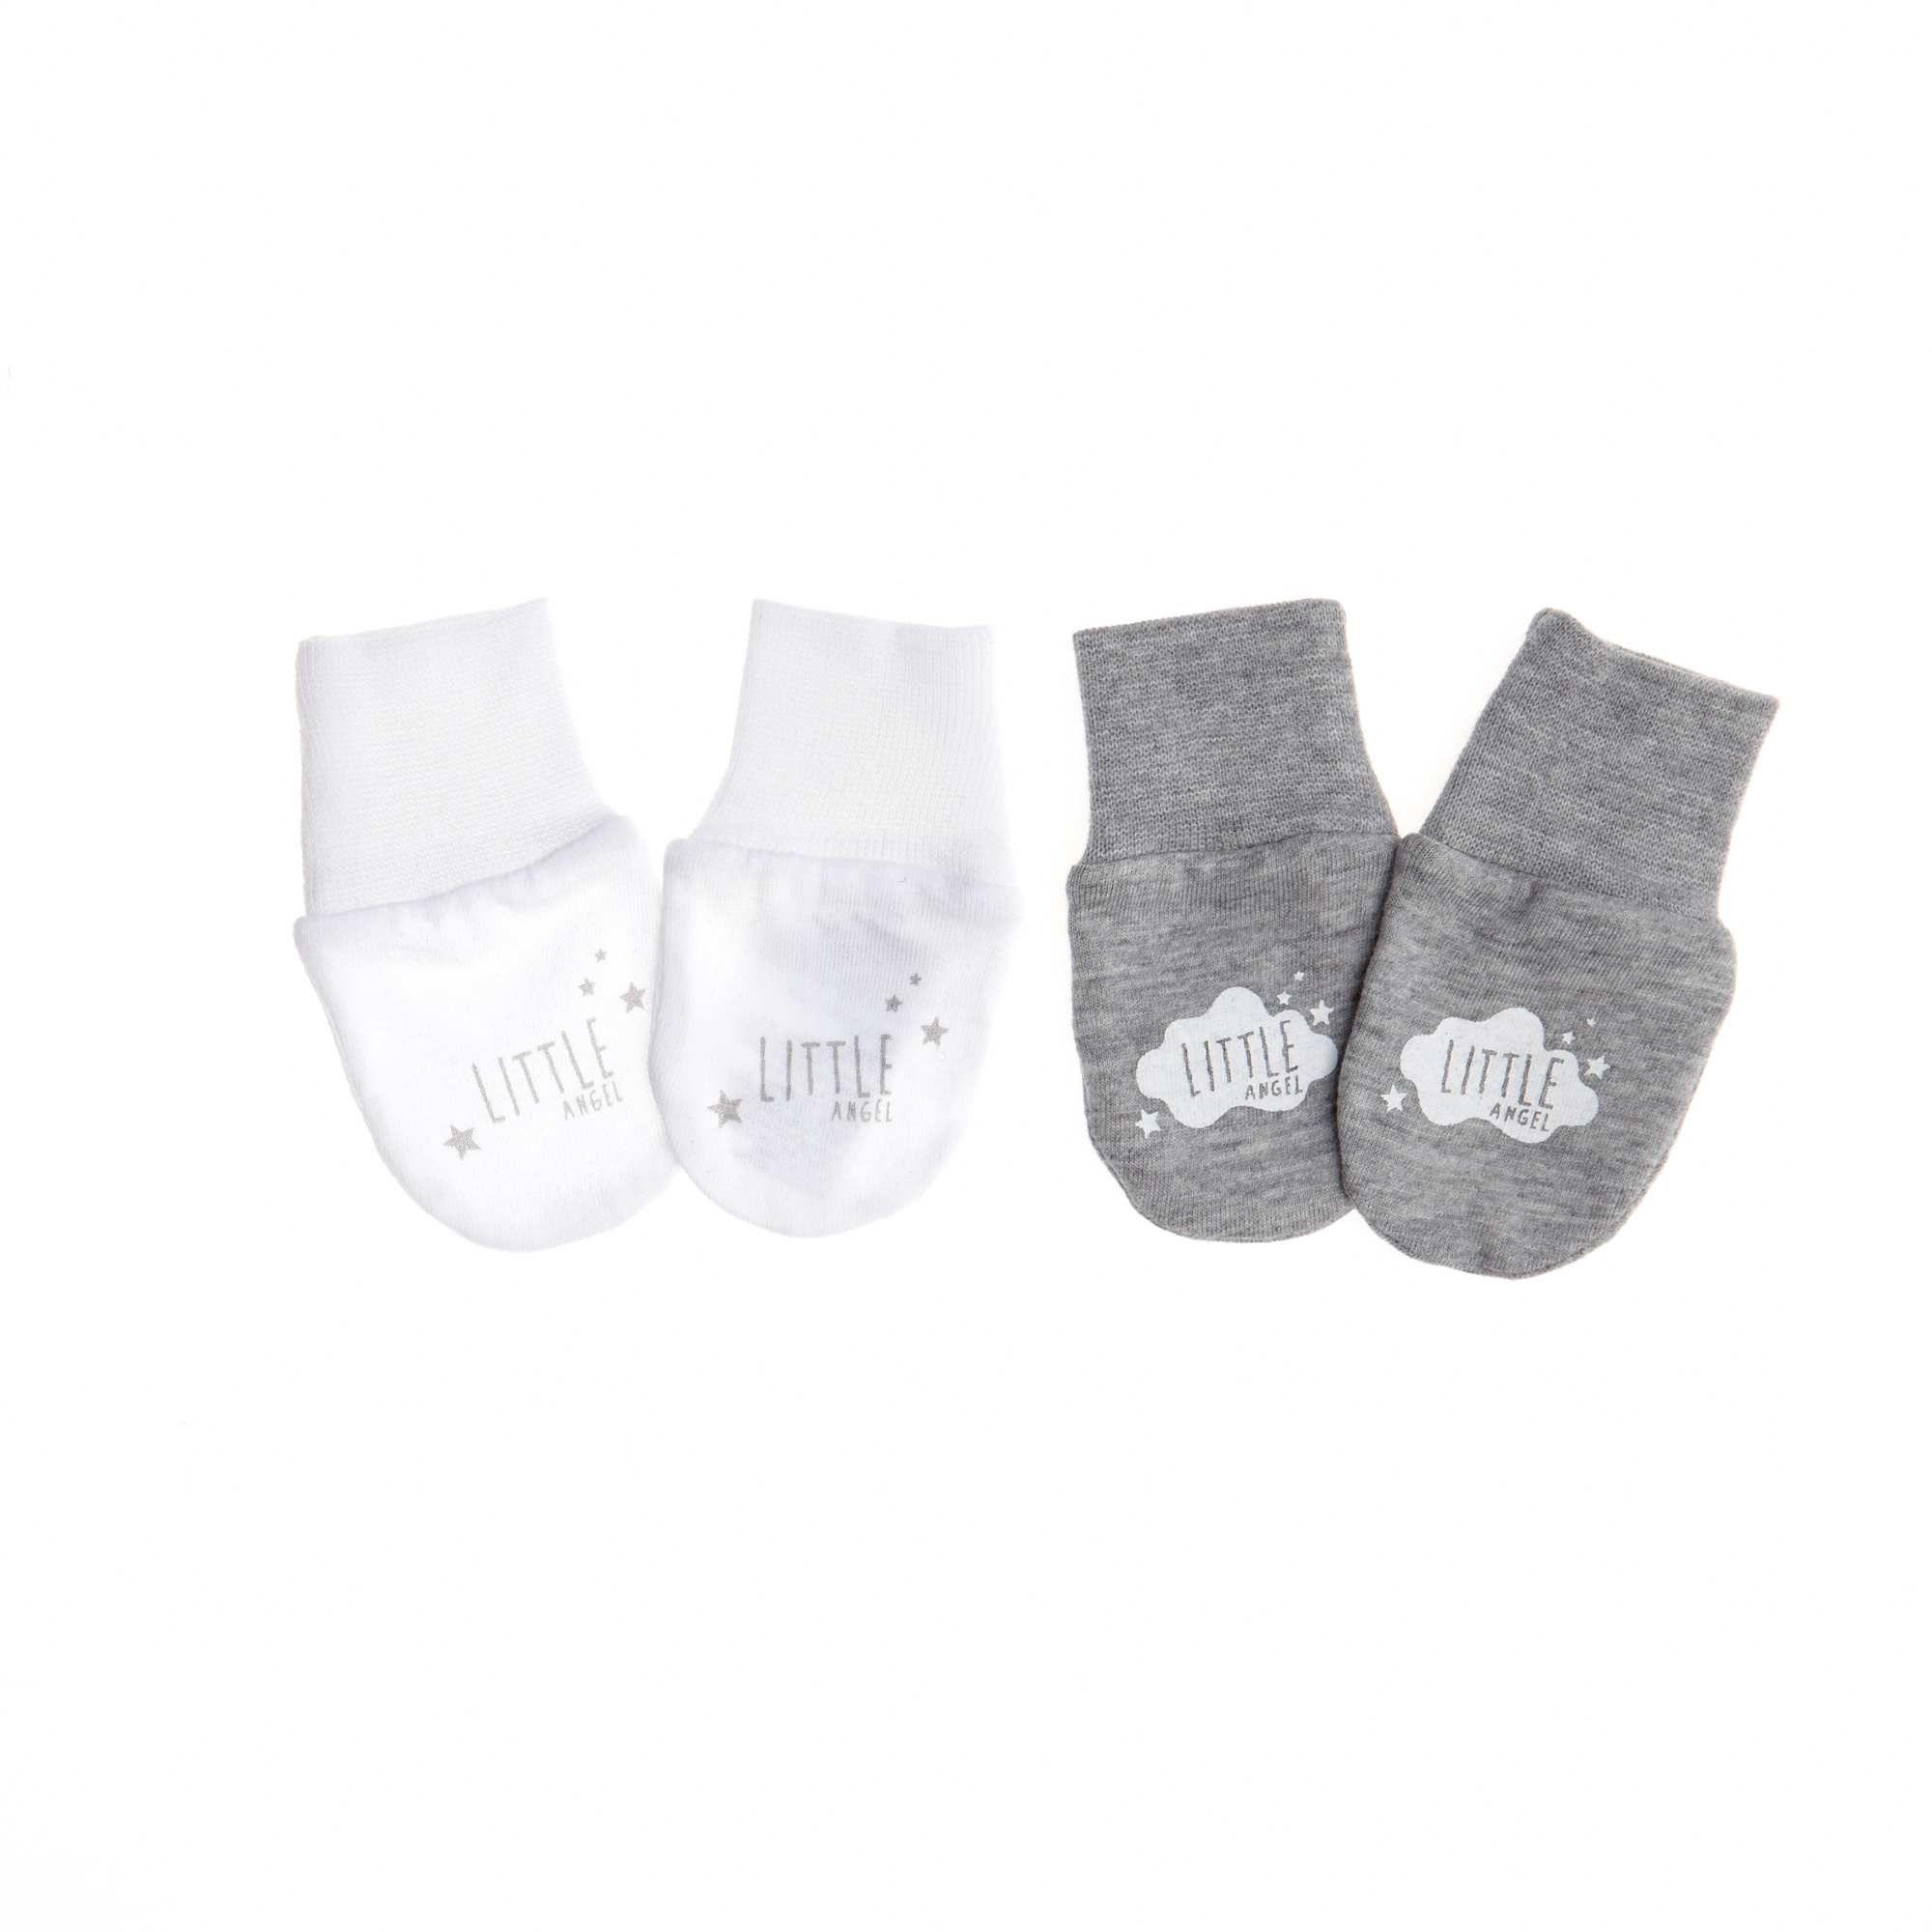 d9d5740ec8db Lot de 2 paires de moufles anti-griffures blanc gris Bébé fille ...